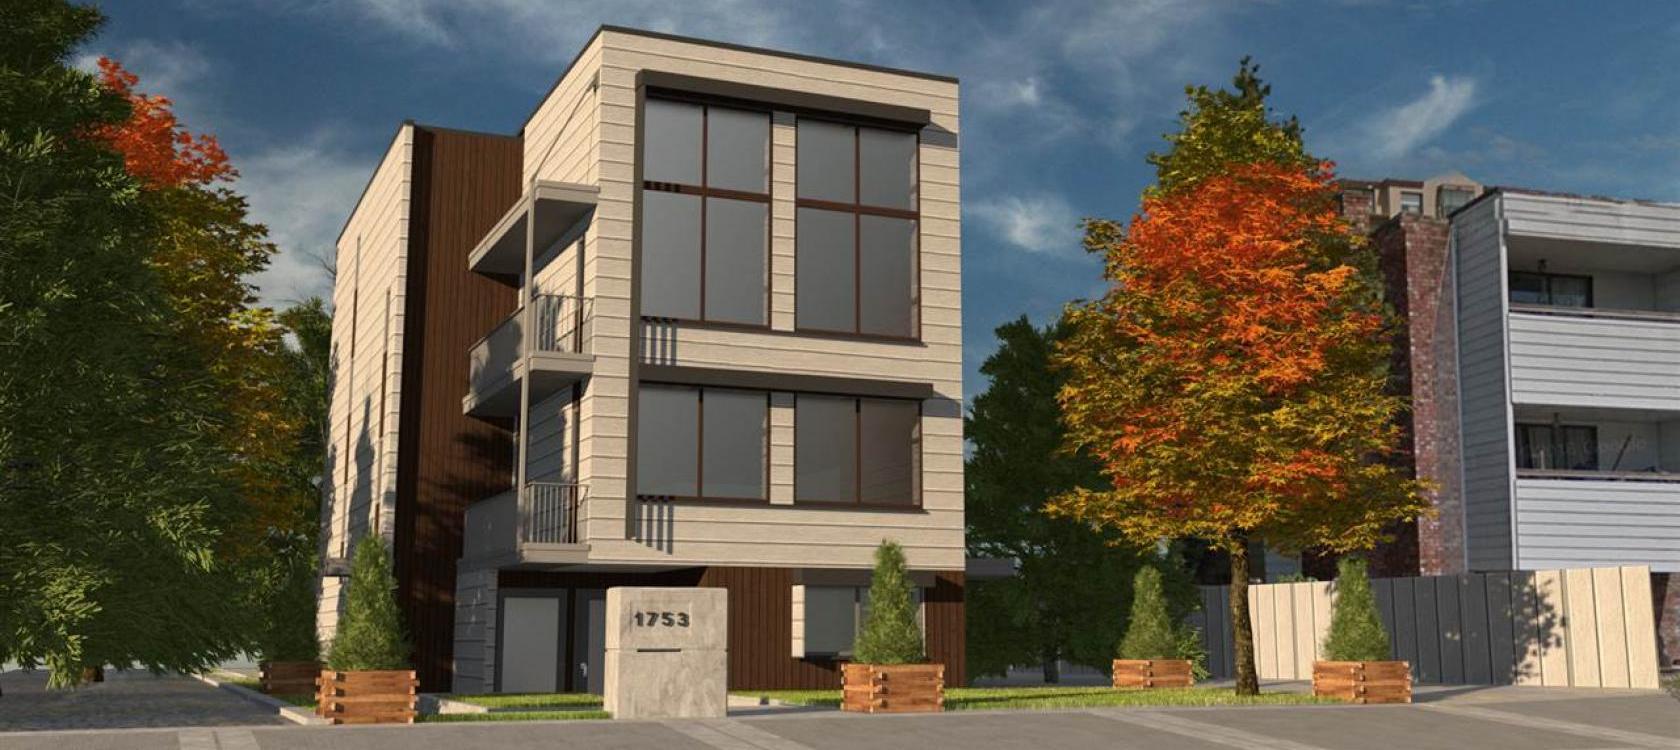 1753 West 11th Avenue, Fairview VW, Vancouver West 2